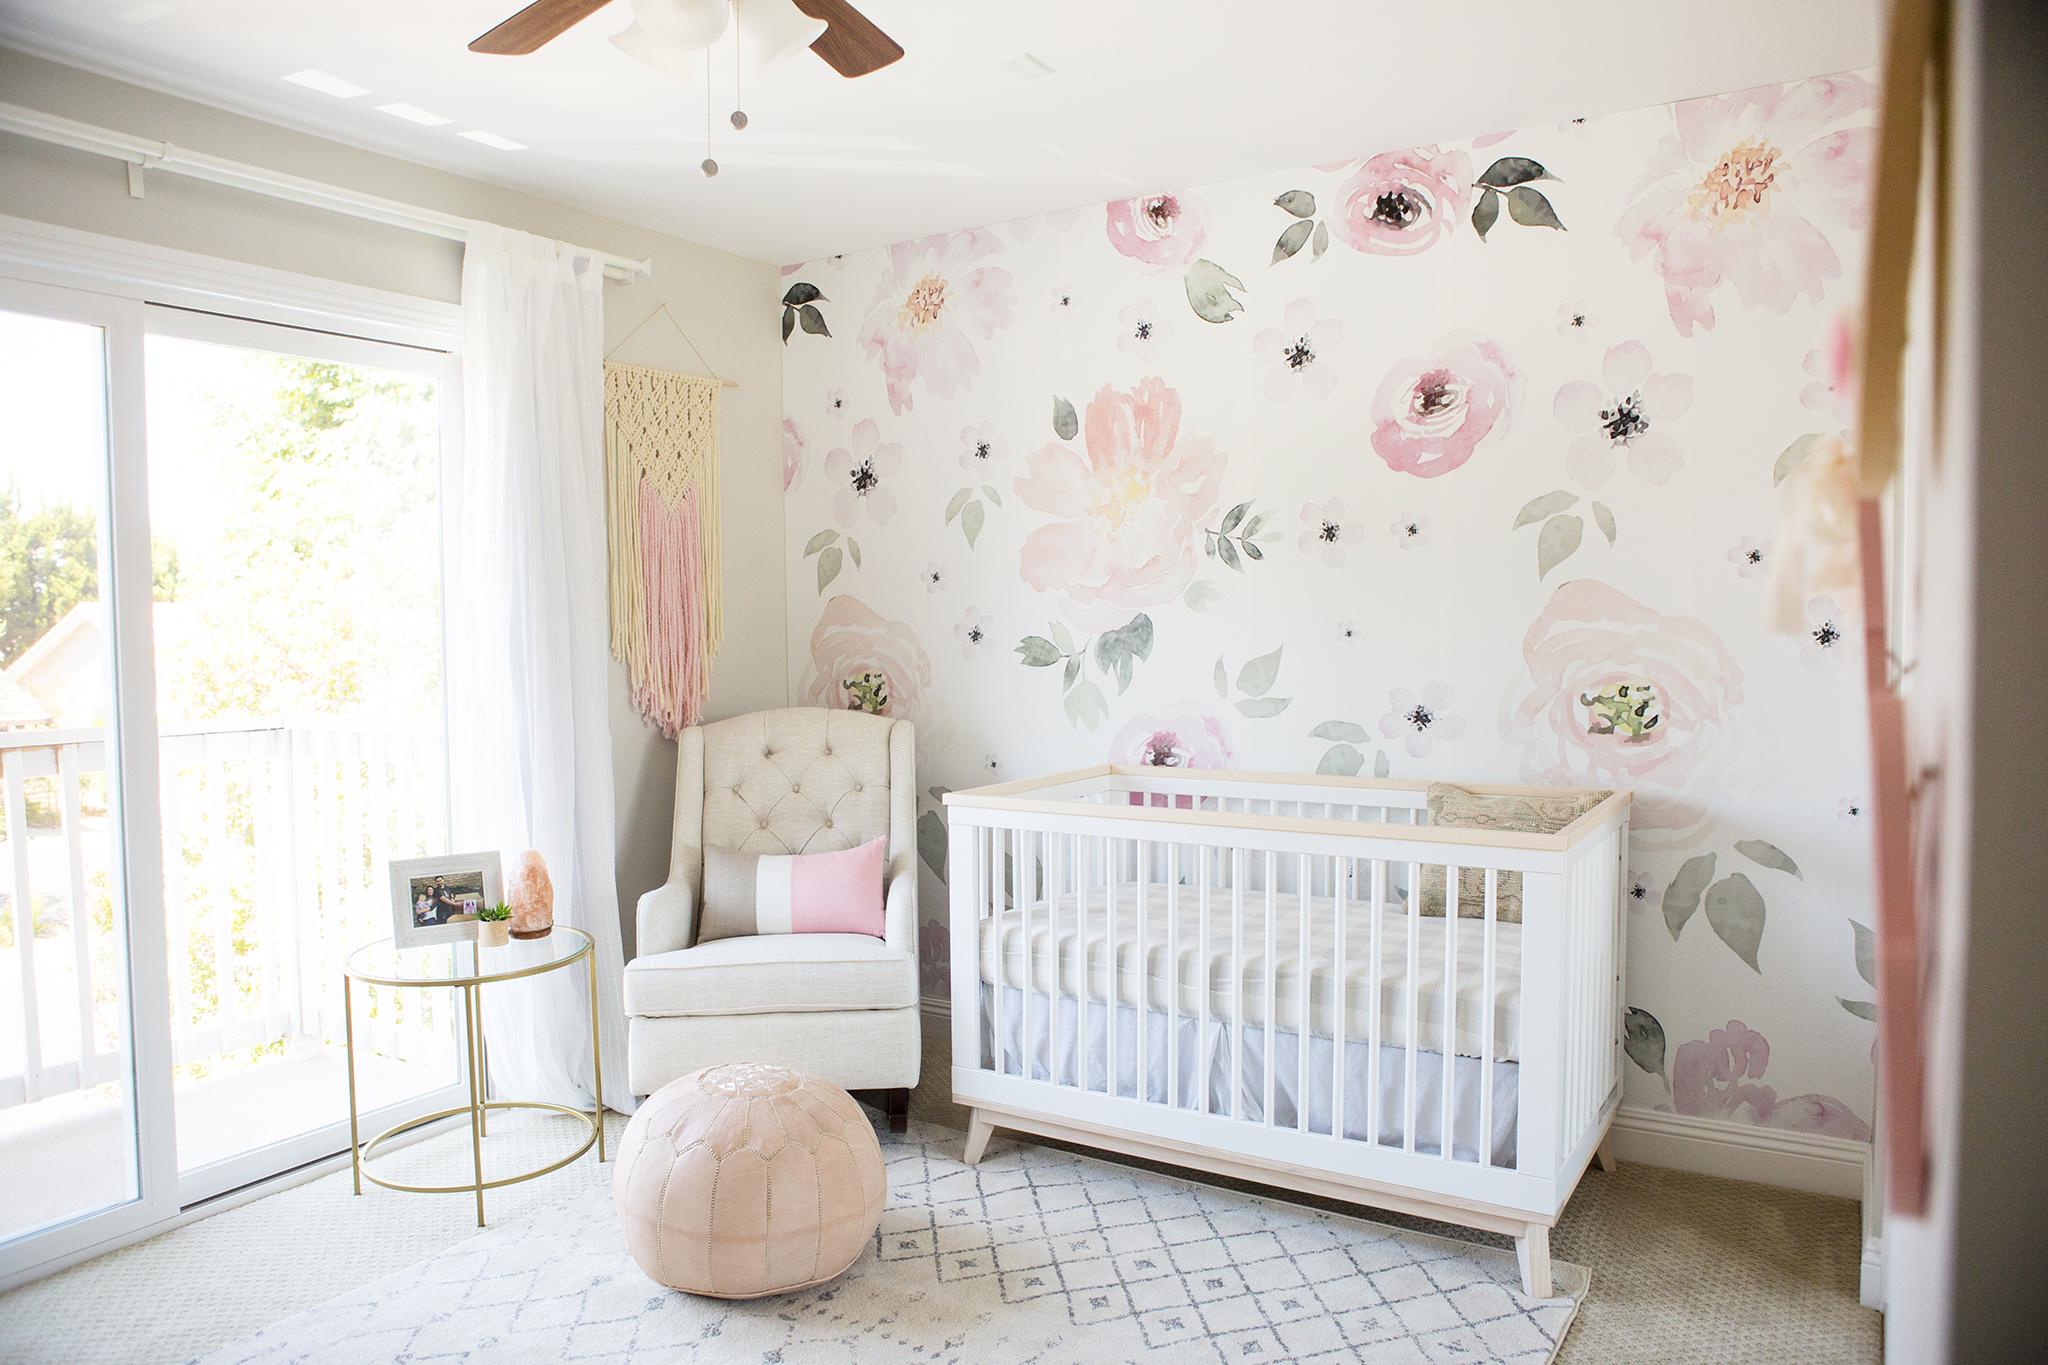 Дизайн интерьера детской комнаты фото 4